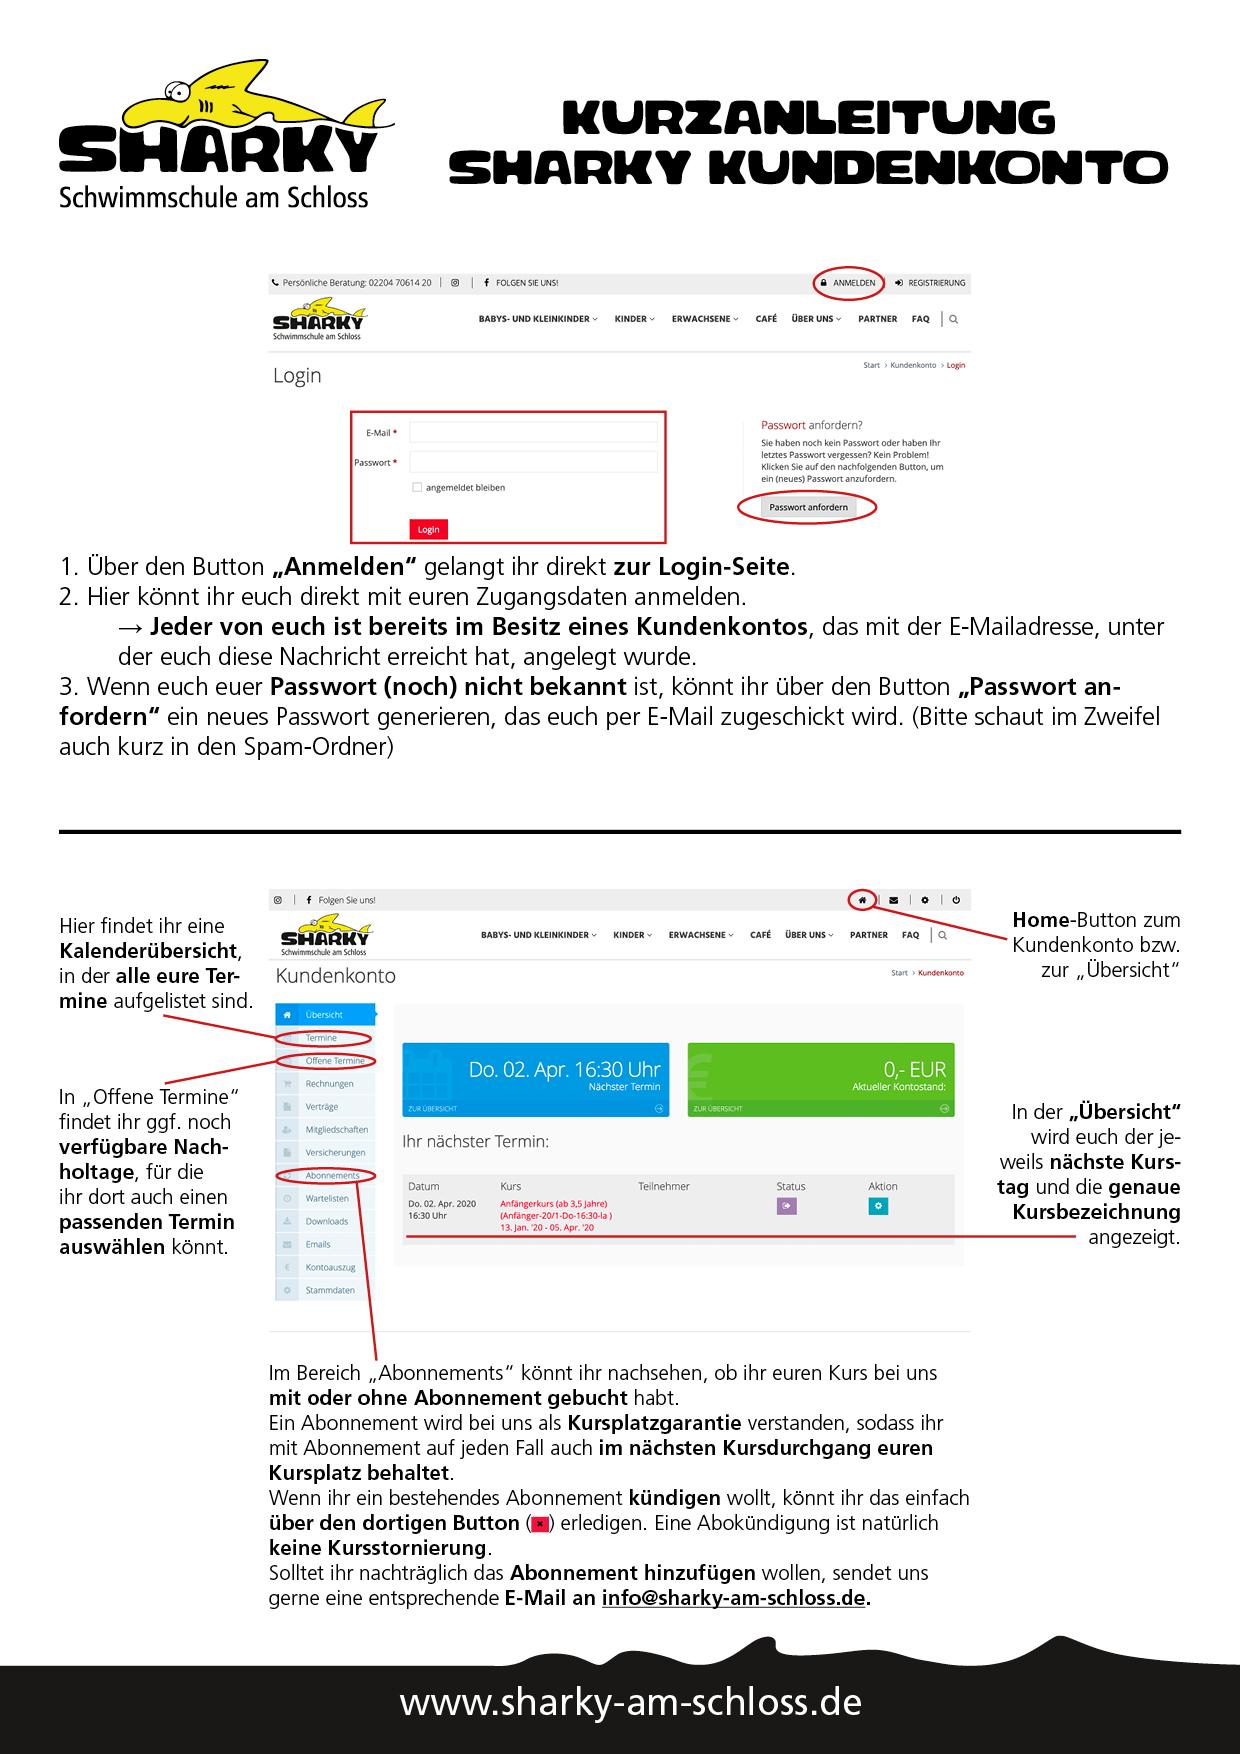 Anmeldung/Registrierung